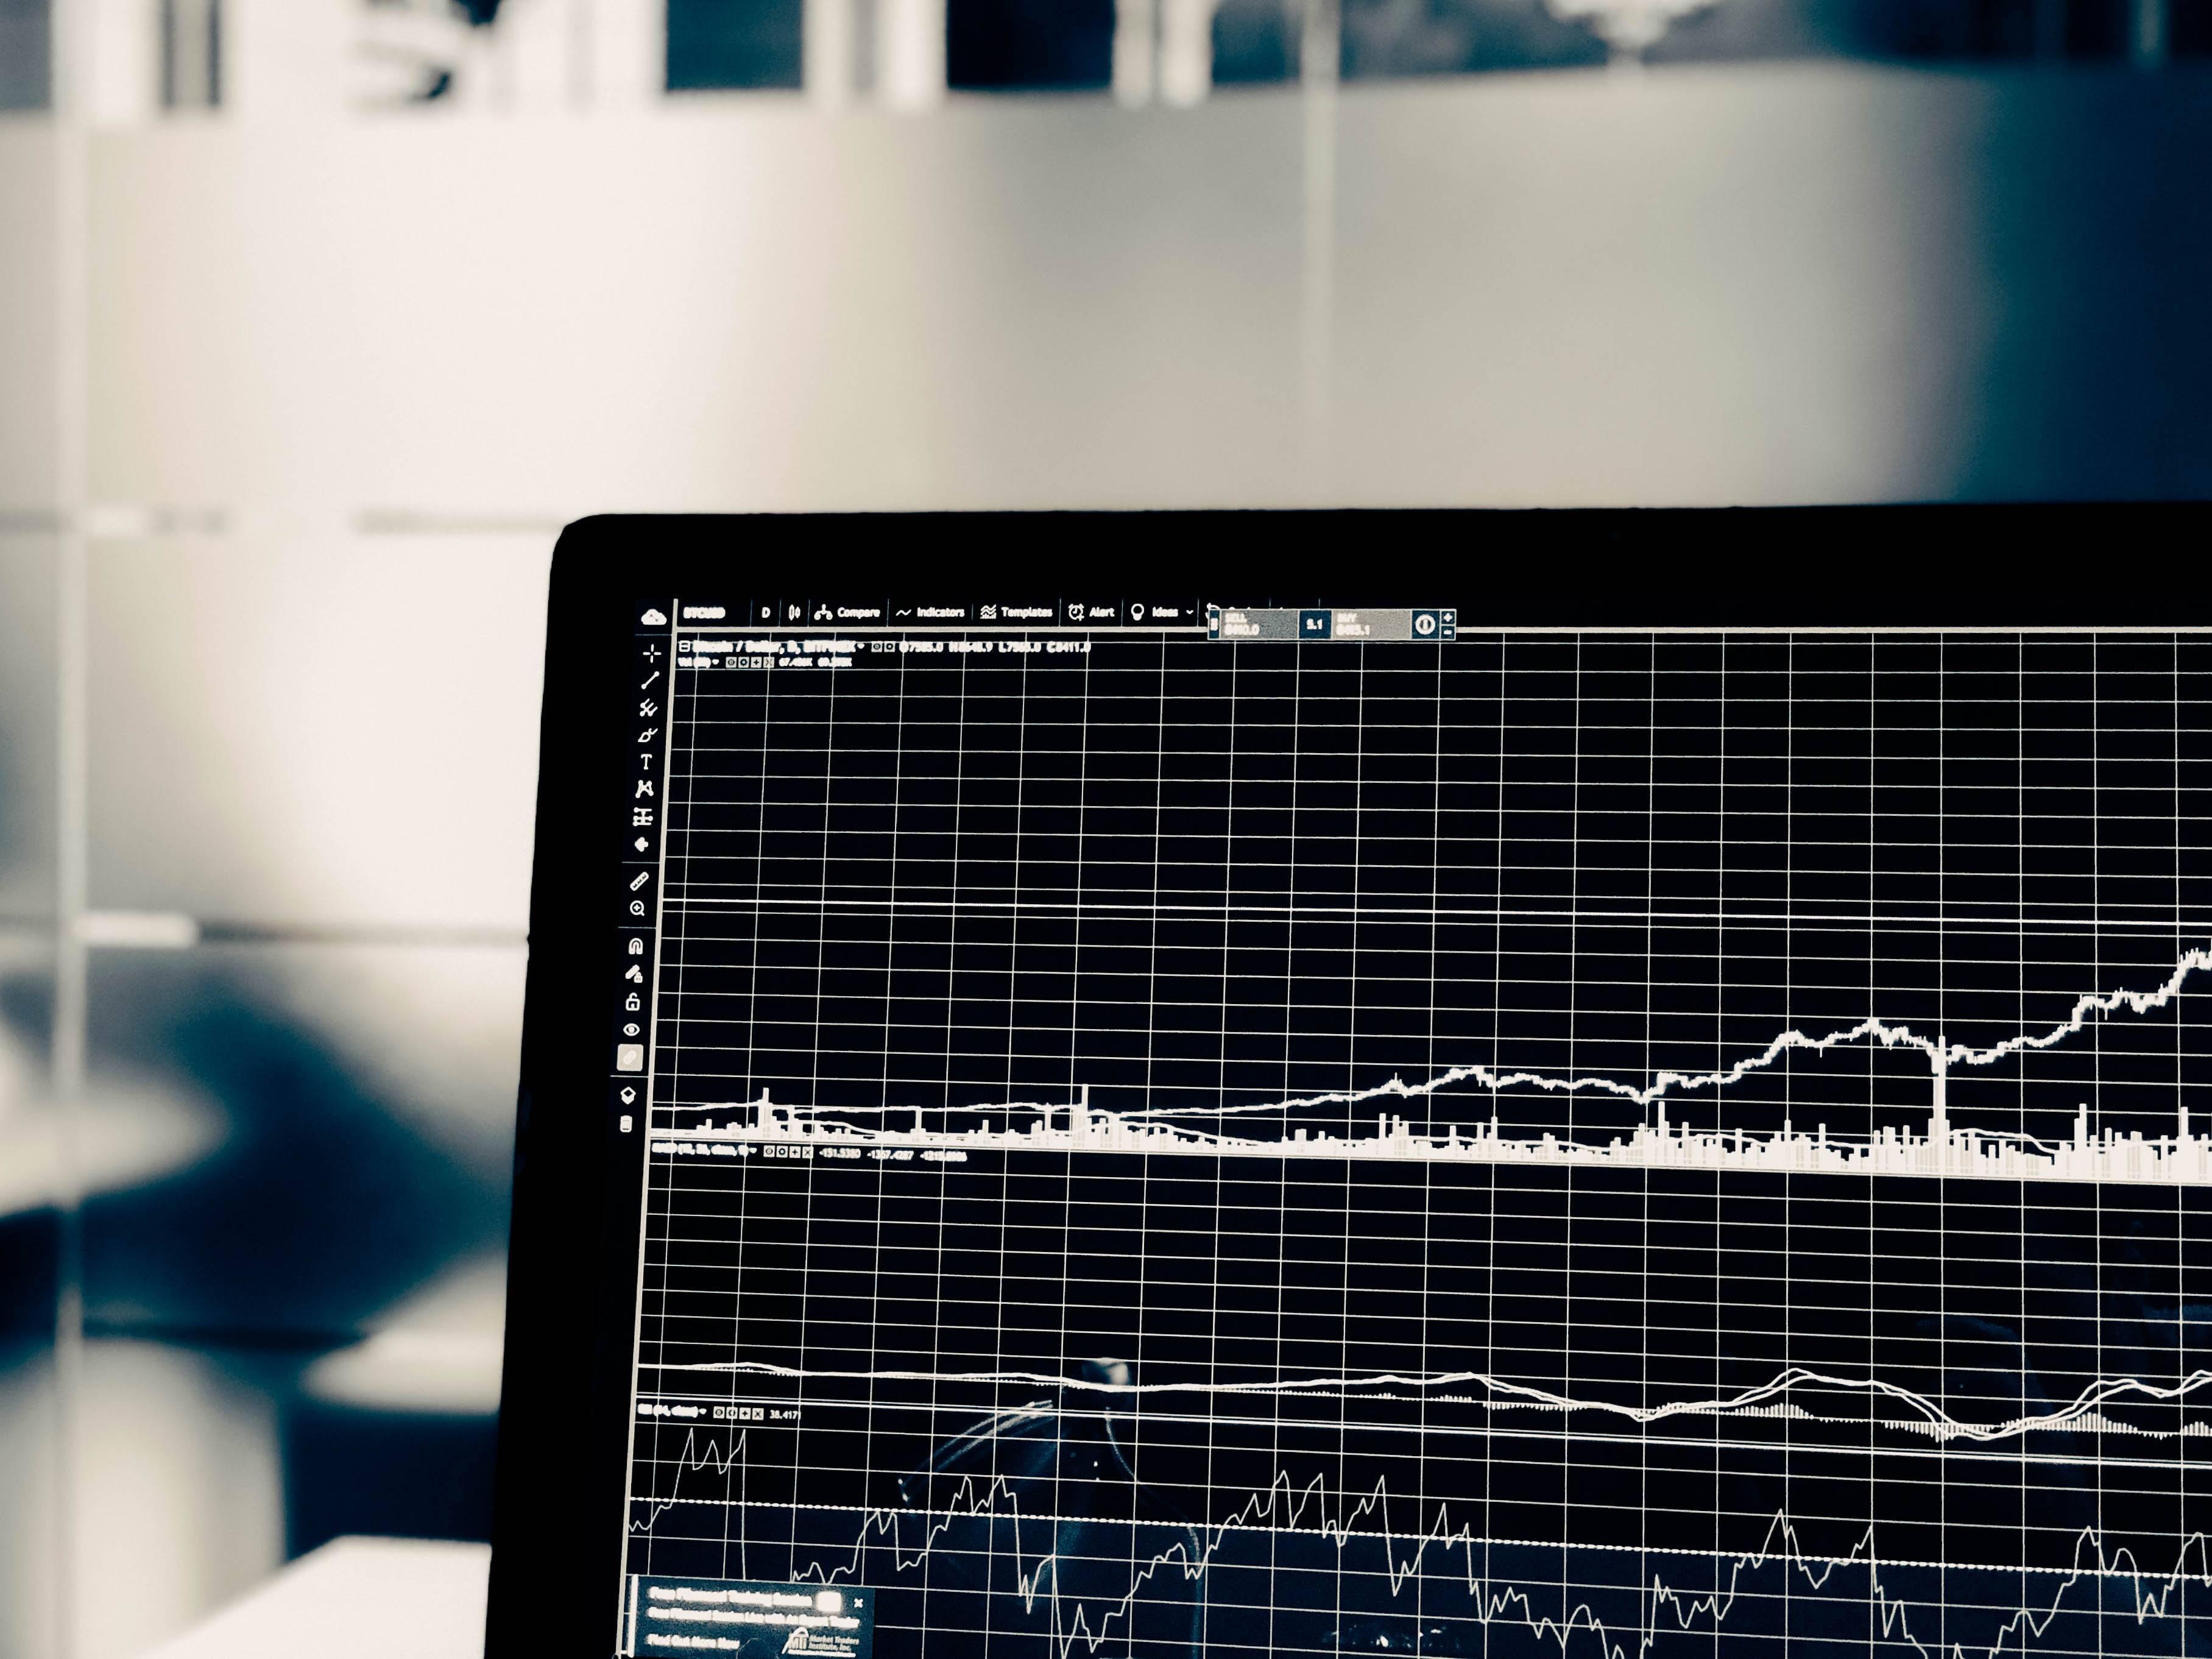 股票价格在随机漫步吗?用Python来告诉你